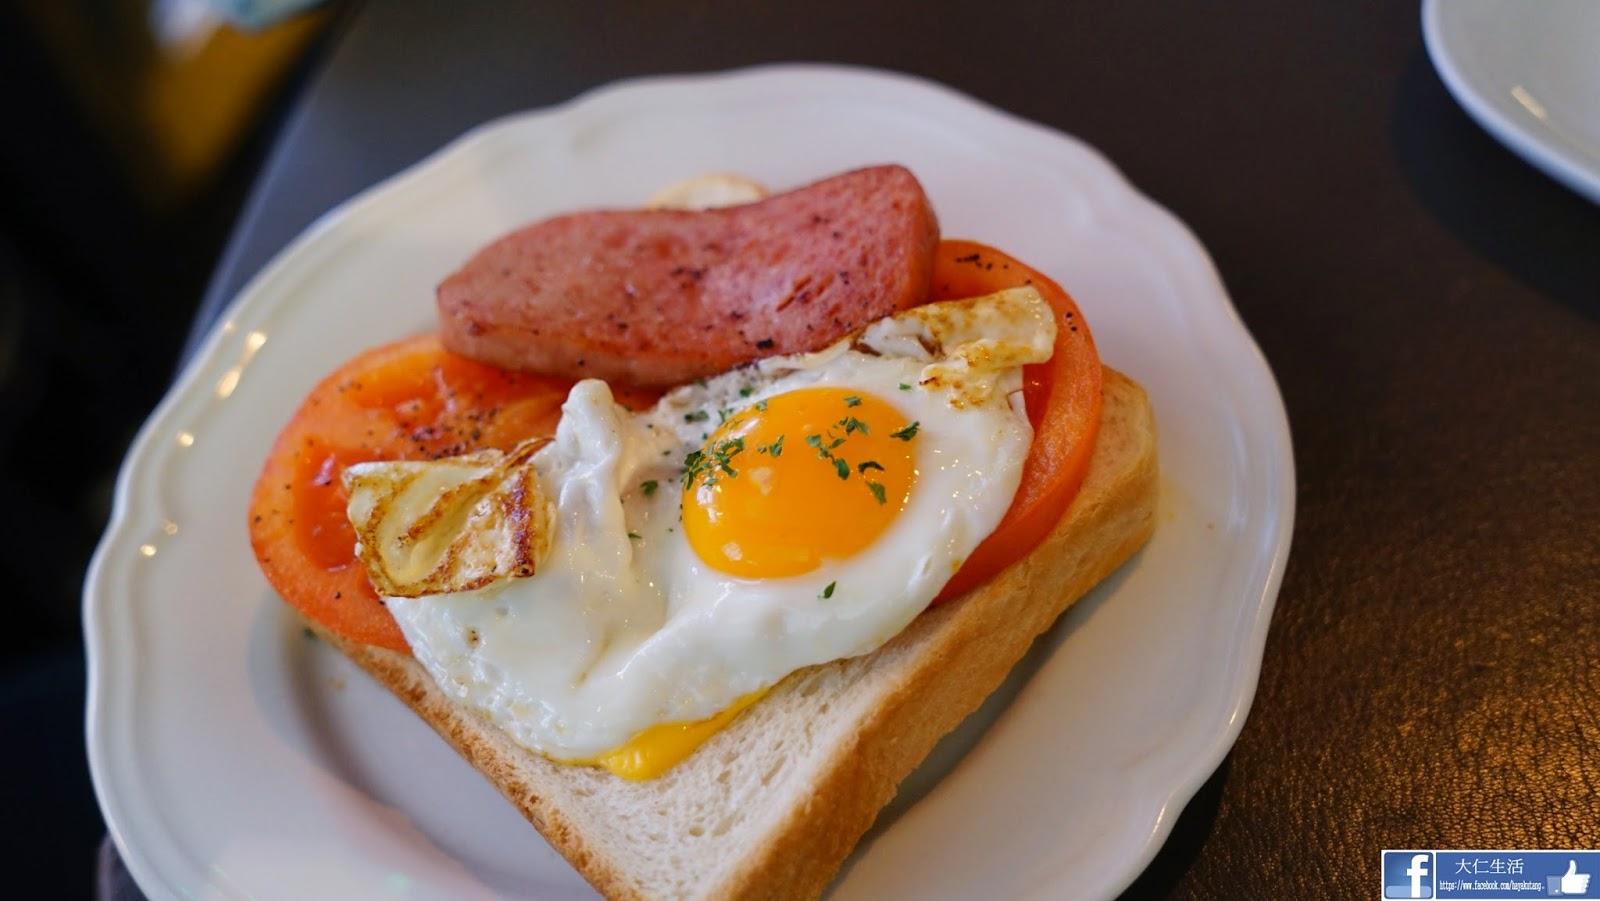 銅鑼灣 希雲街 Cafe R&C 拉花 叮噹 大口仔 布甸狗 All Day Breakfast